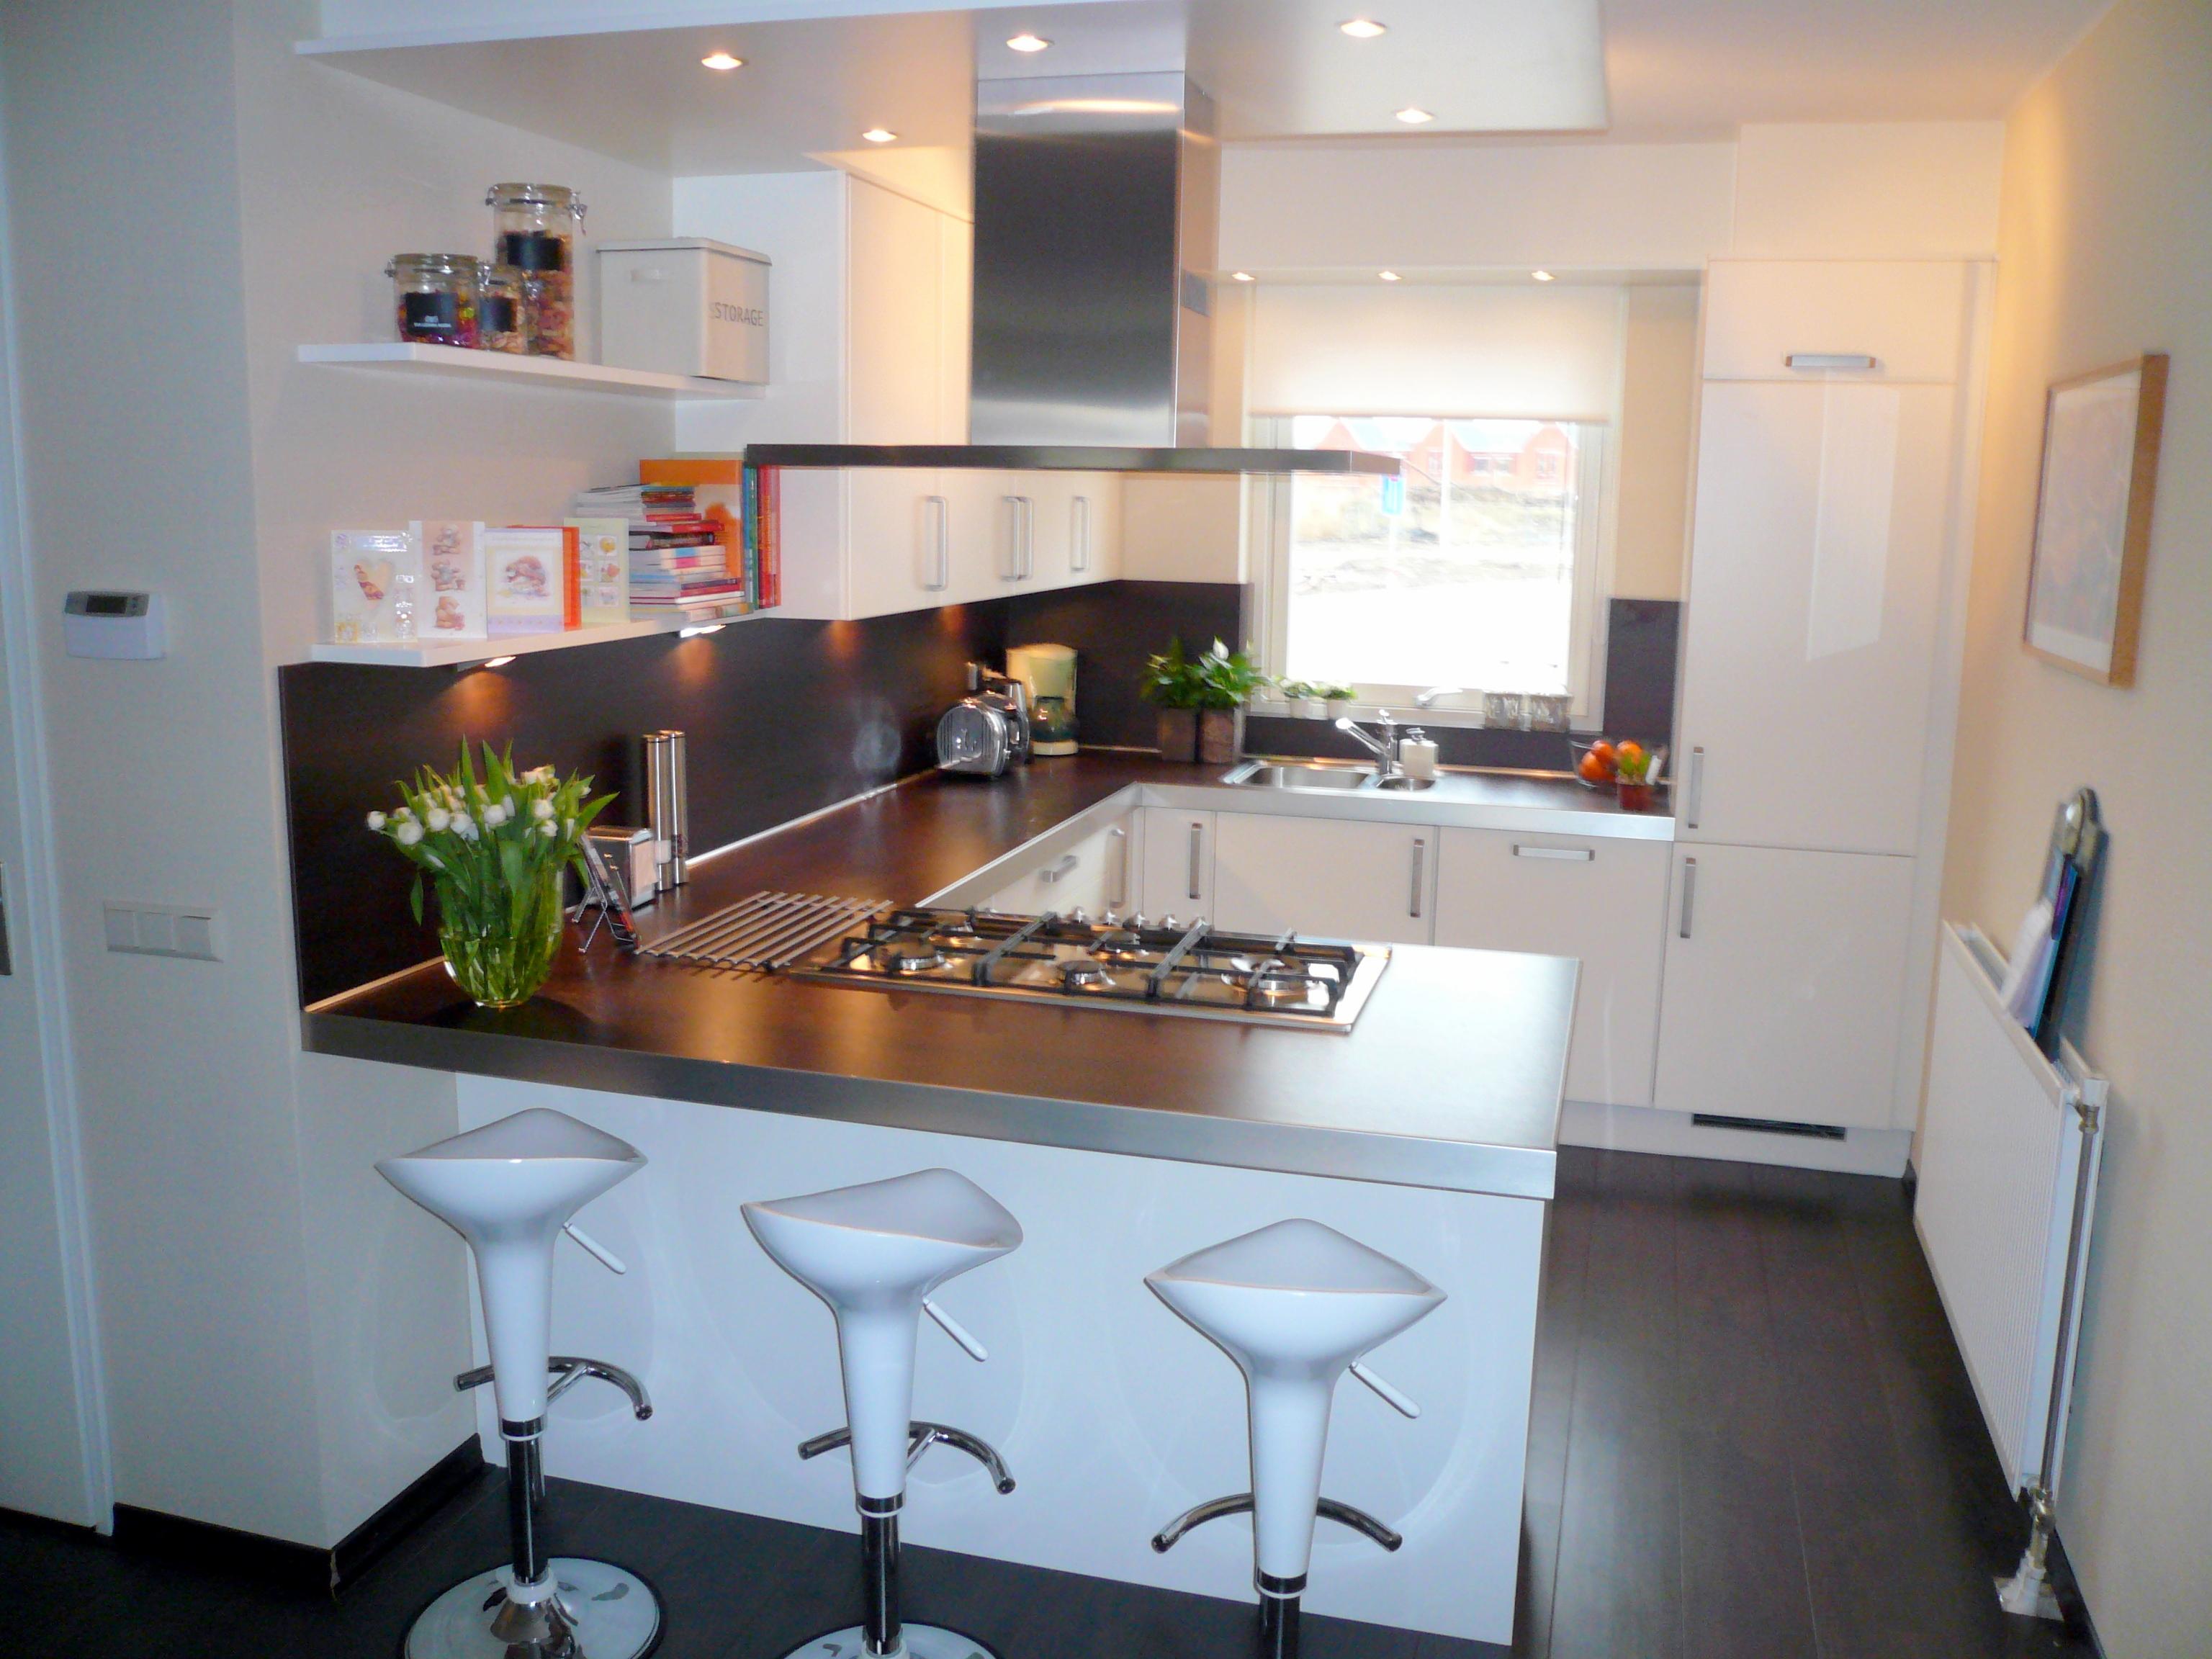 Strak vormgegeven keuken beste inspiratie voor huis ontwerp - Afbeelding van keuken amenagee ...